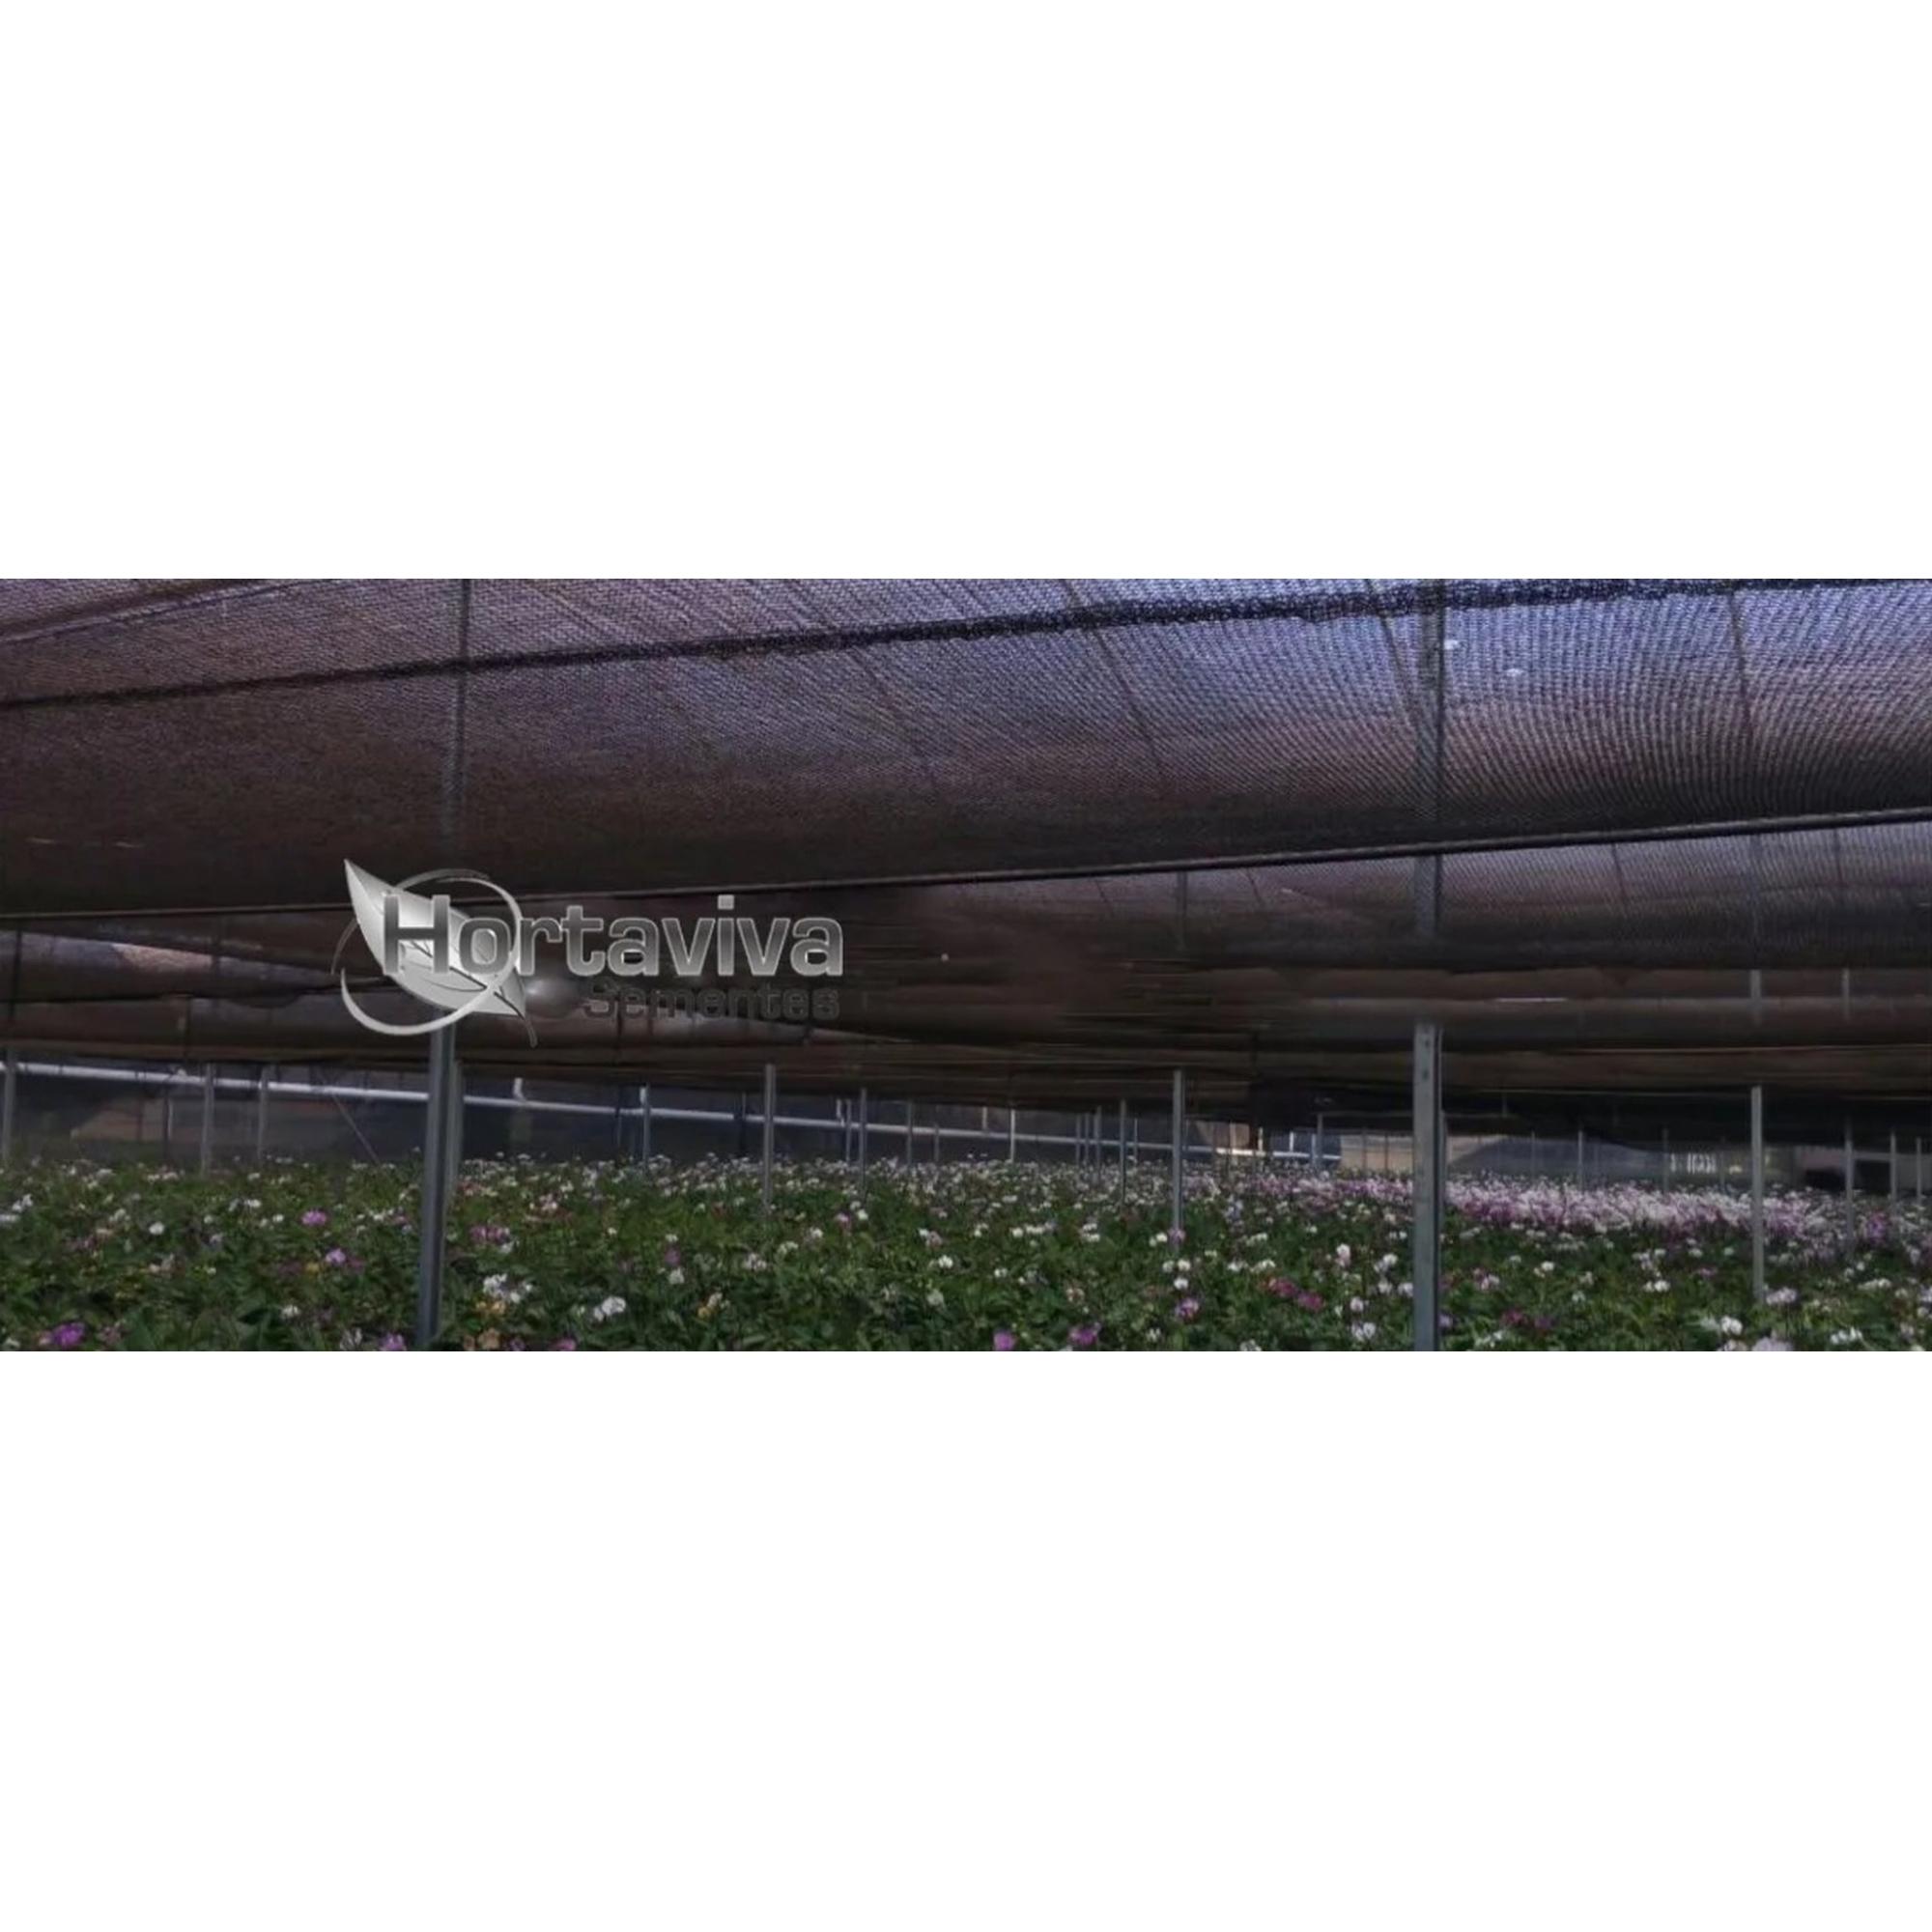 Tela de Sombreamento Preta 50% - 5 Metros x 80 Metros